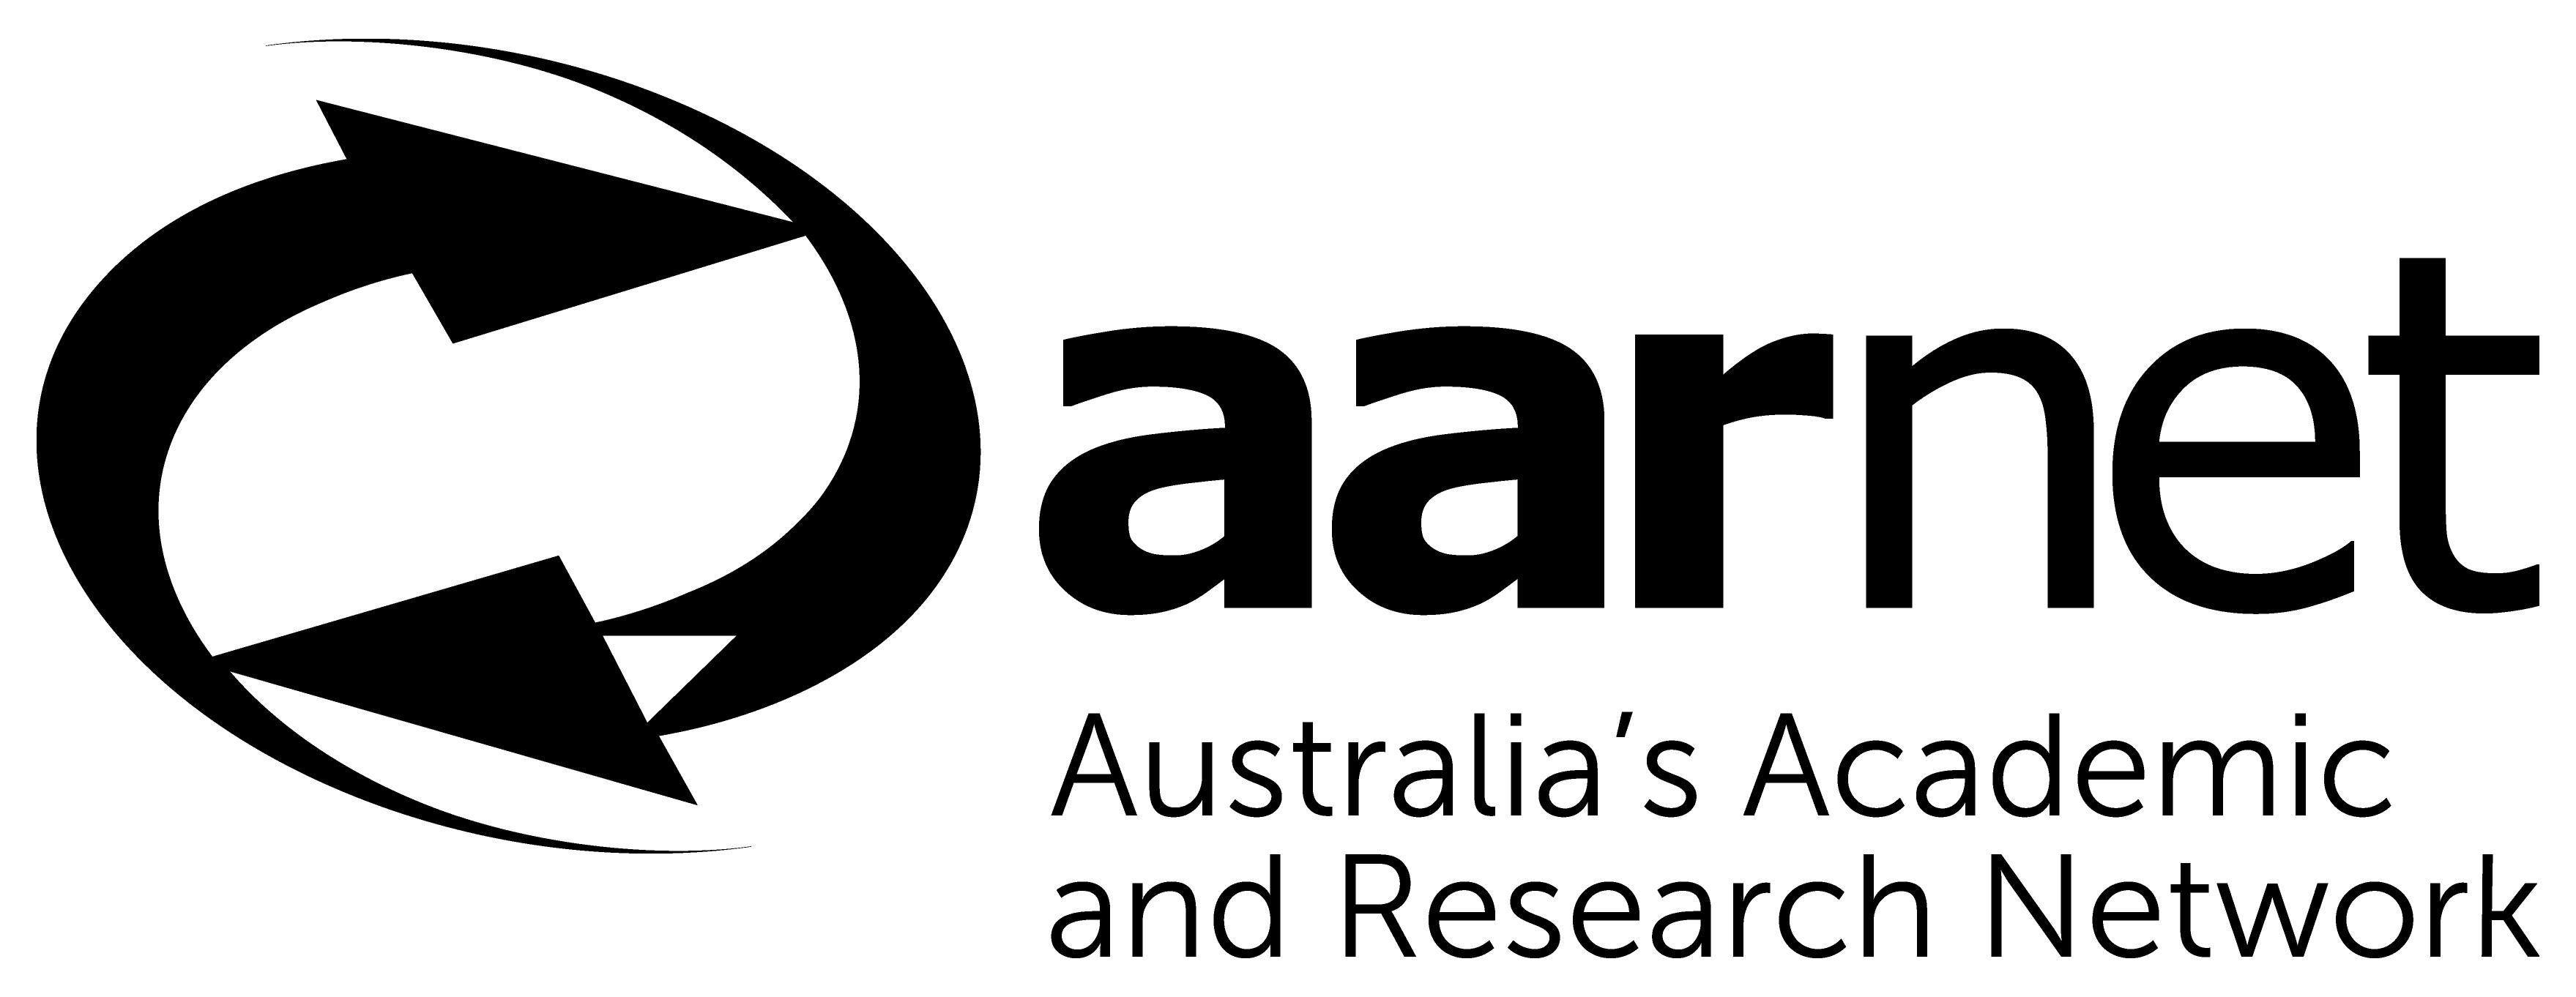 AARNET Logo